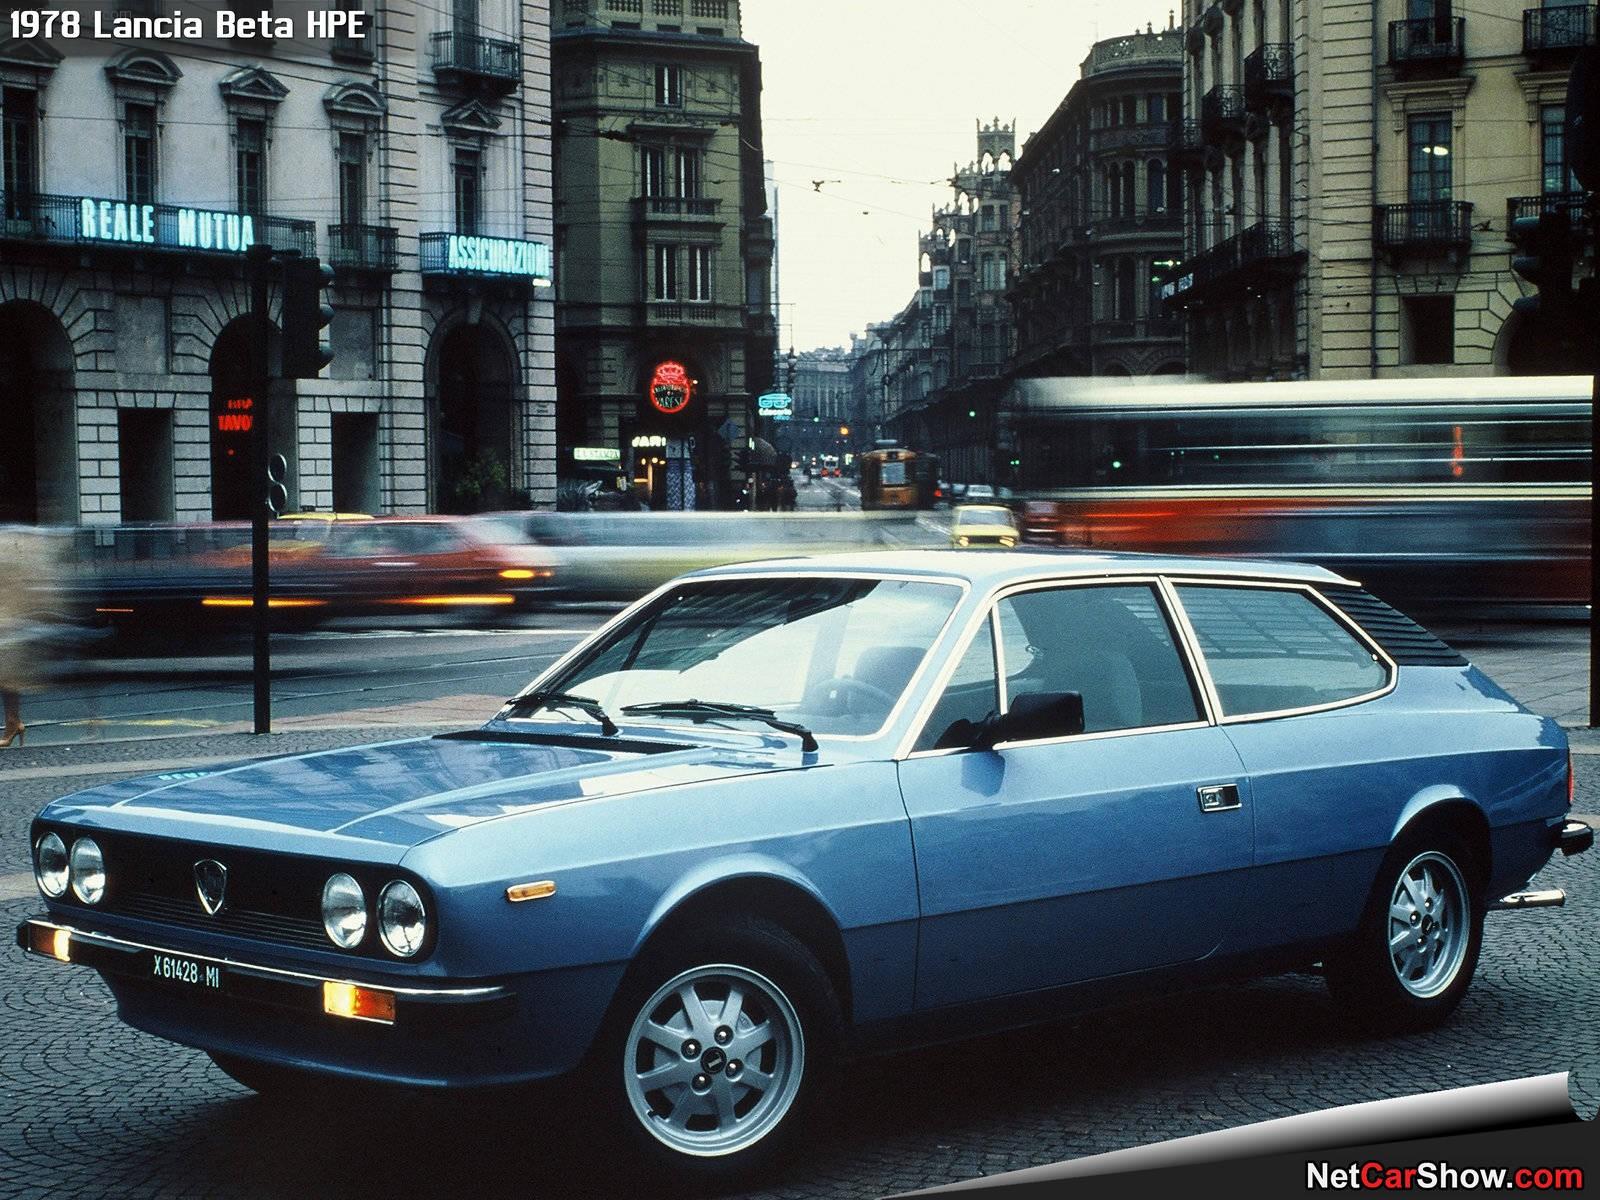 Lancia Beta HPE 1978